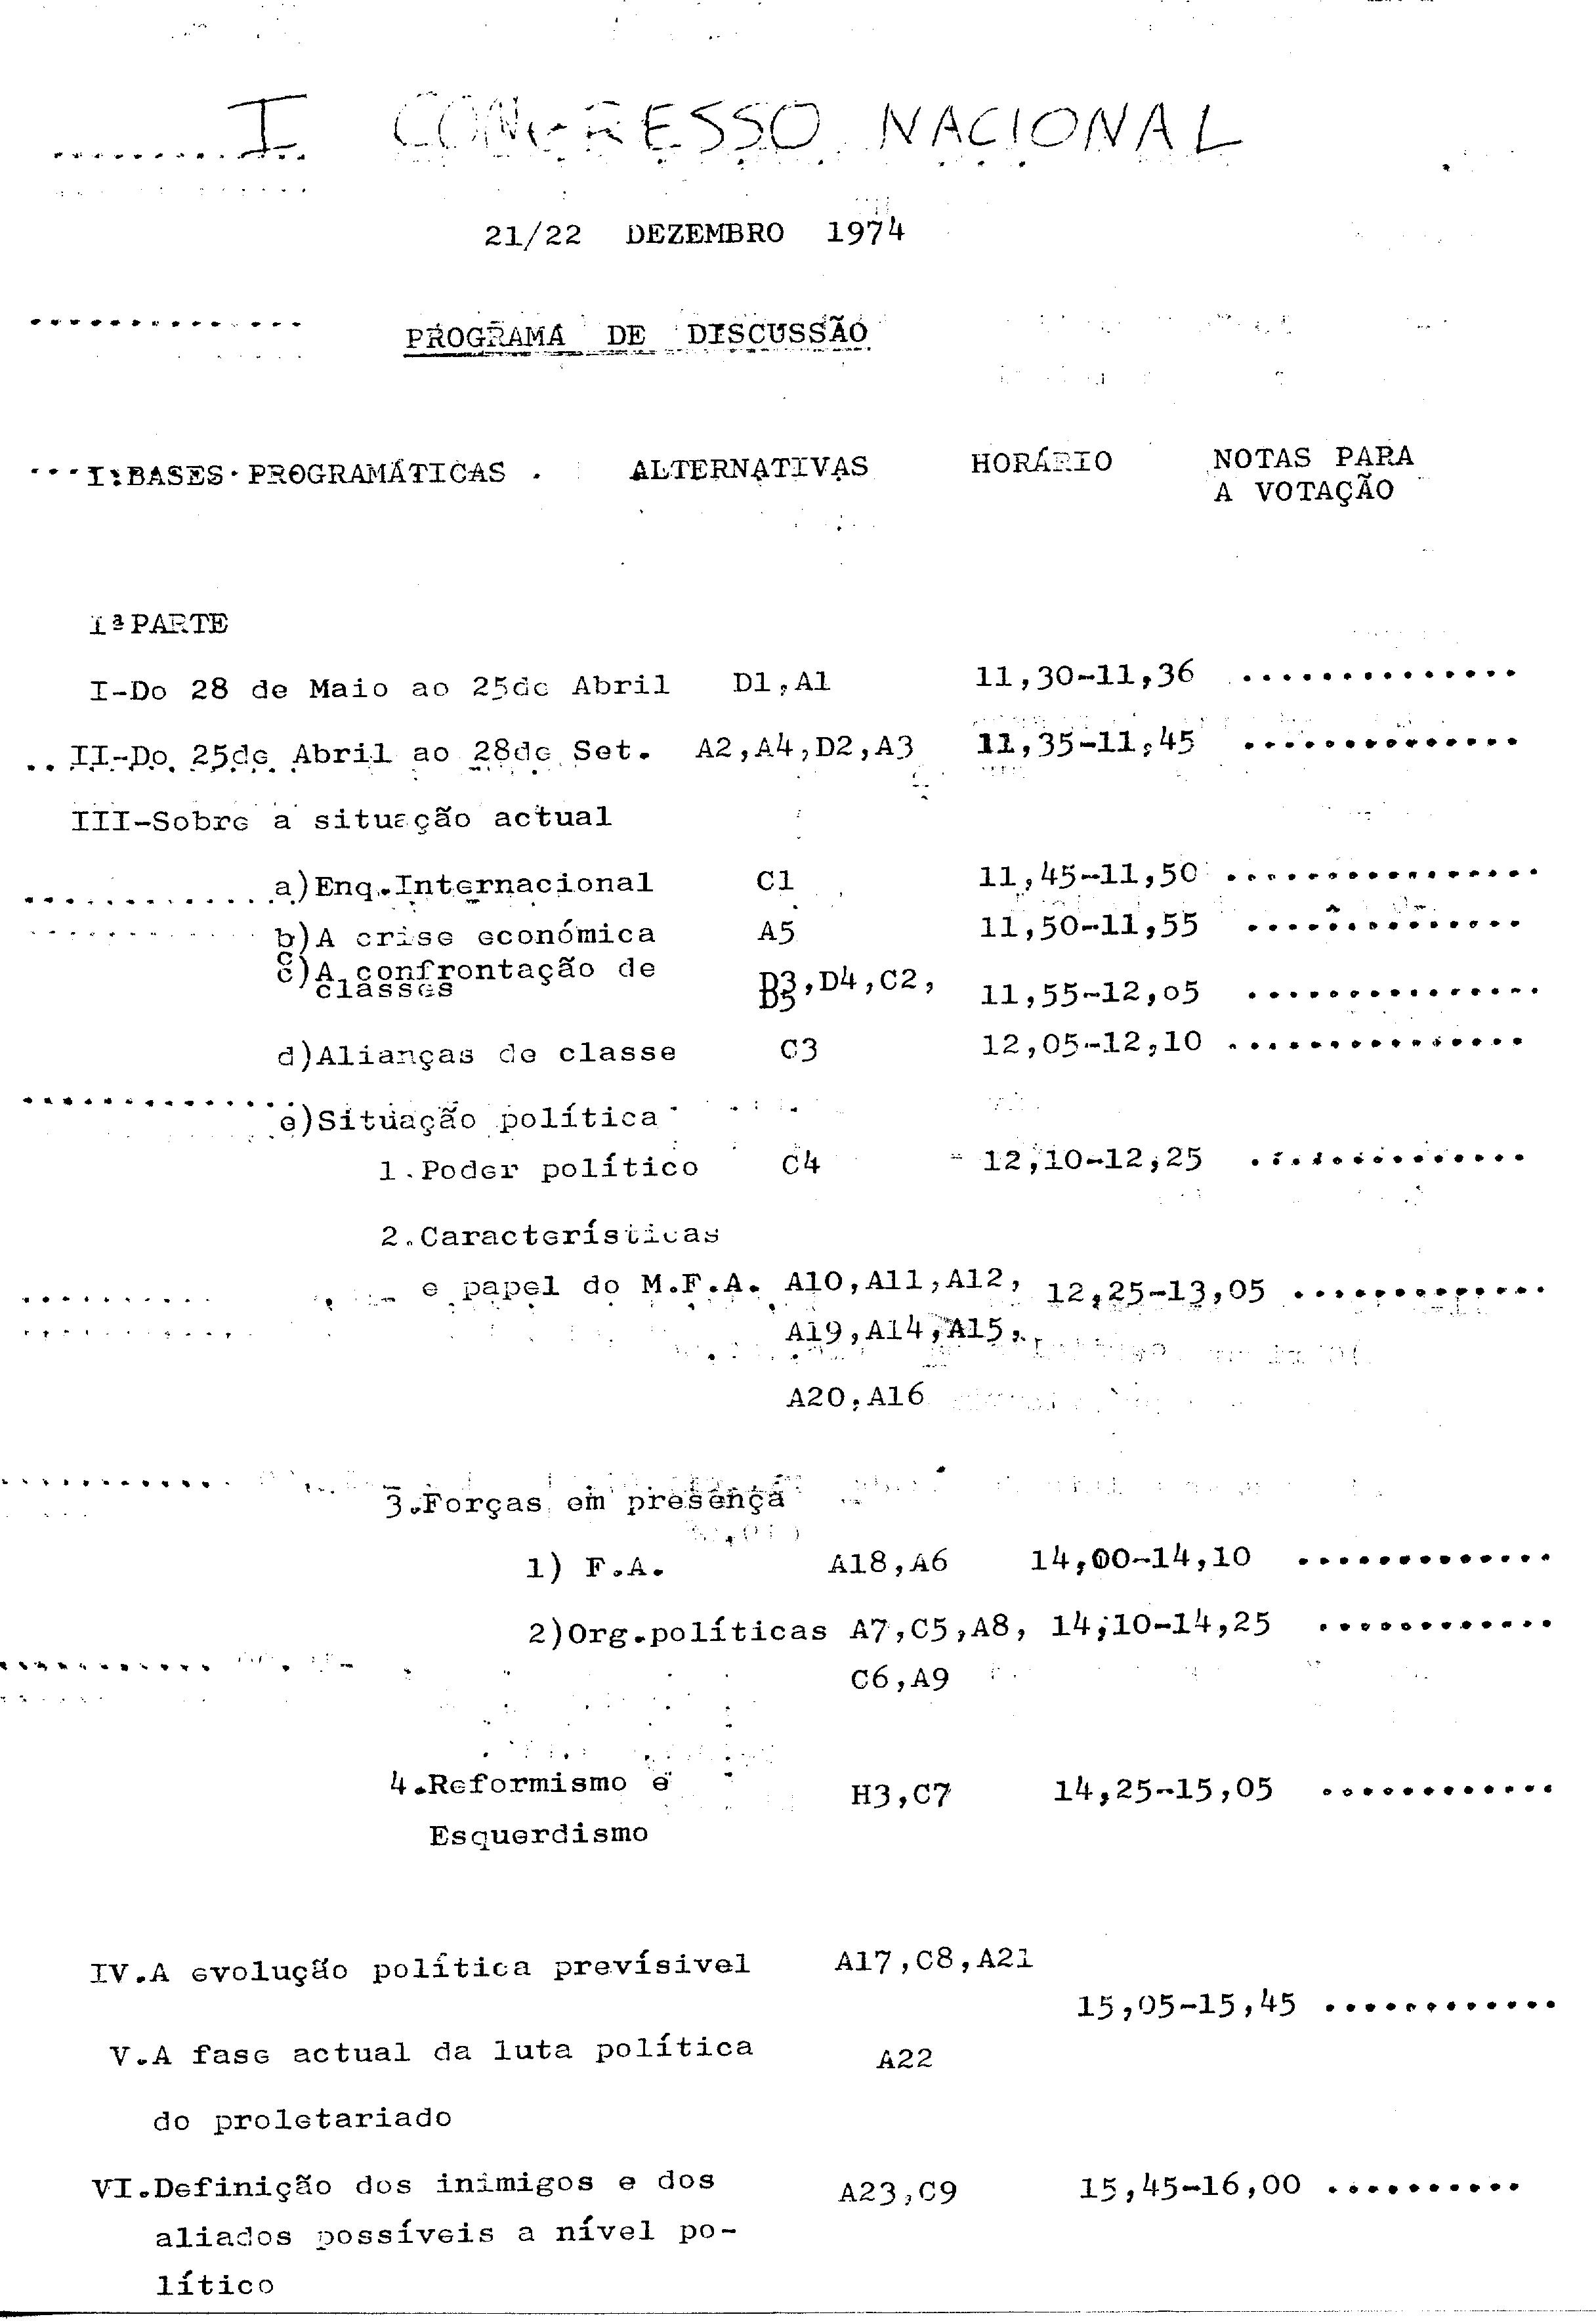 04713.001- pag.1